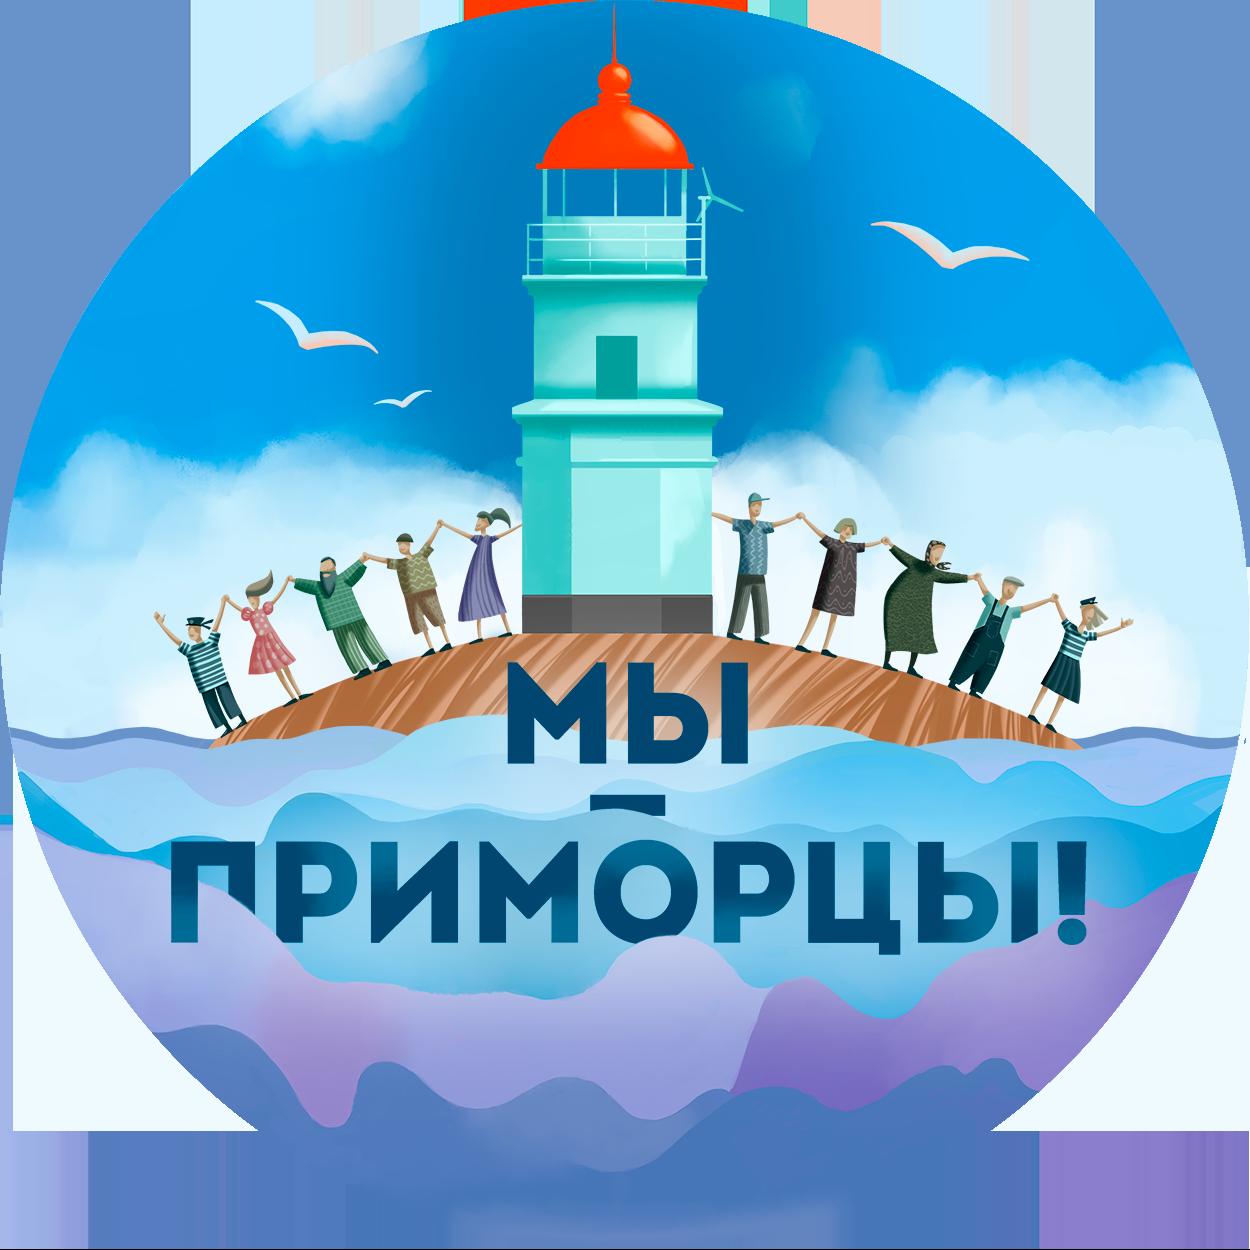 Спас 2019, открытки 80 лет приморскому краю